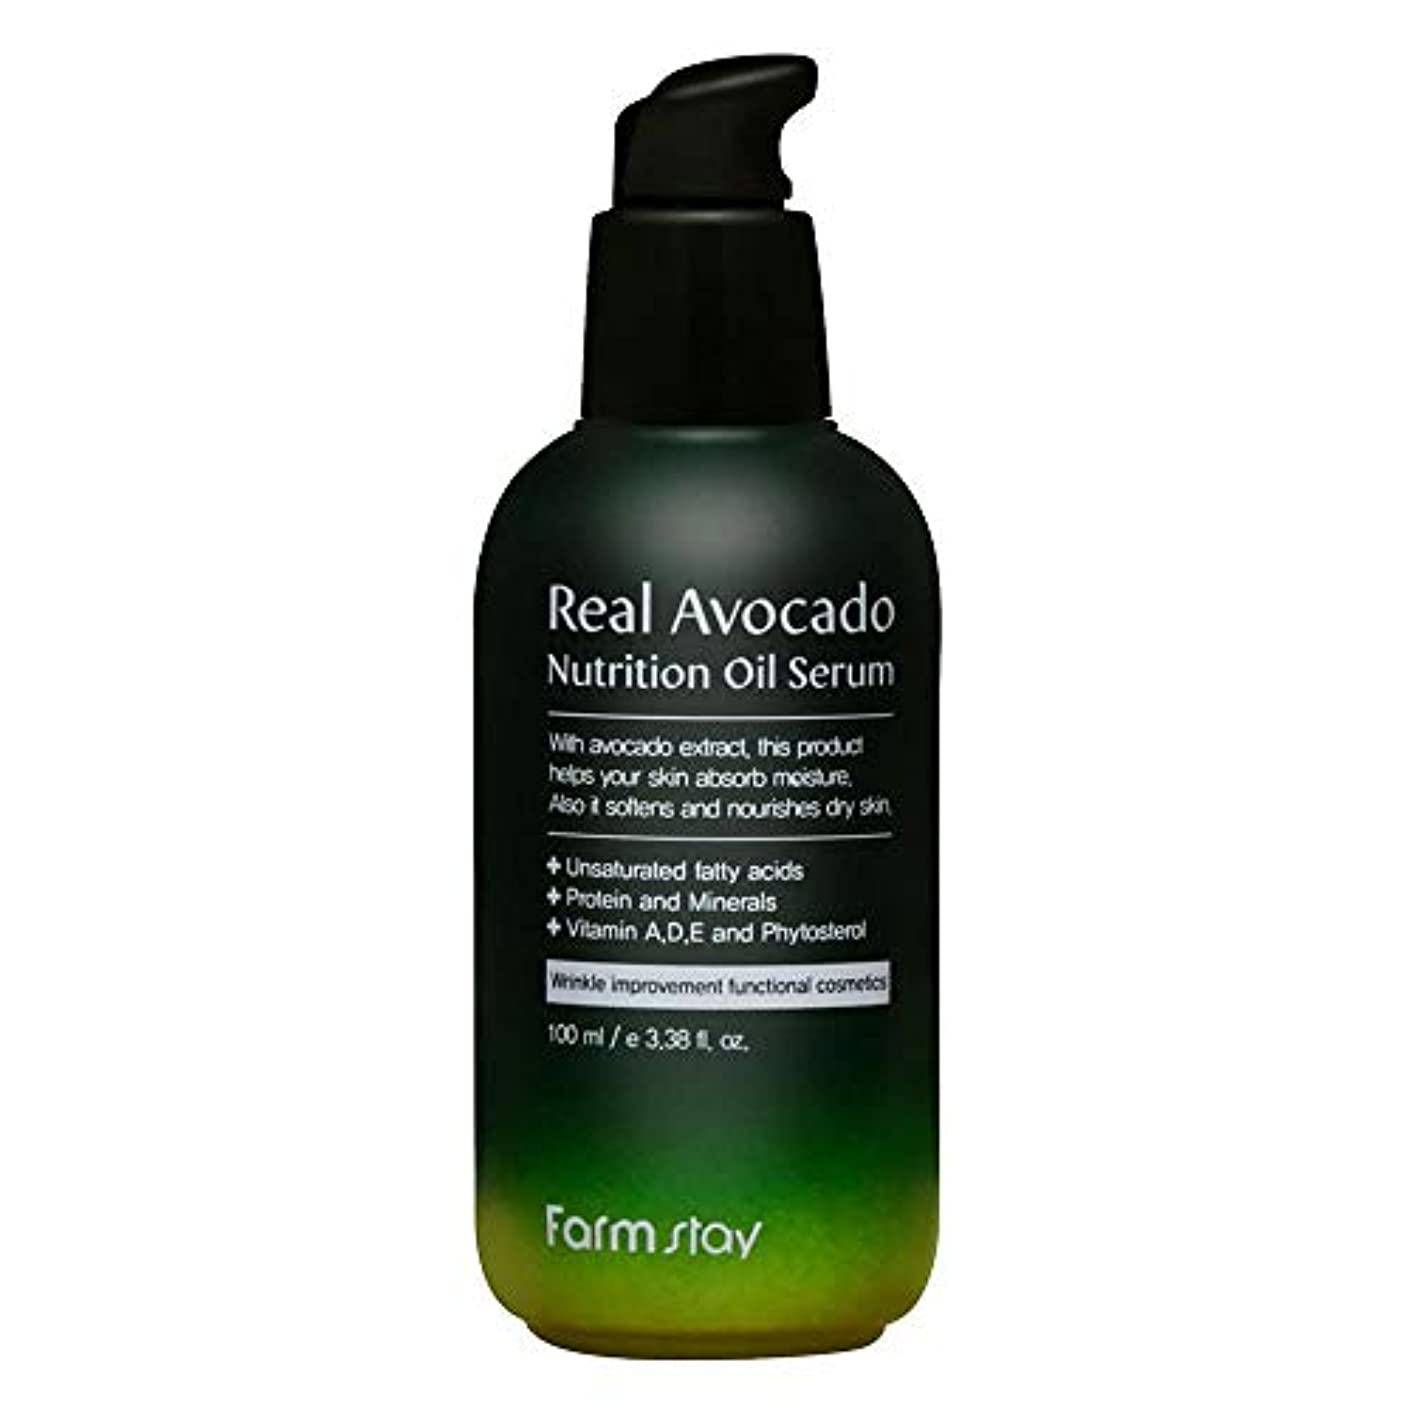 ファームステイ[Farm Stay] 本物のアボカド栄養オイルセラム 100ml / Real Avocado Nutrition Oil Serum